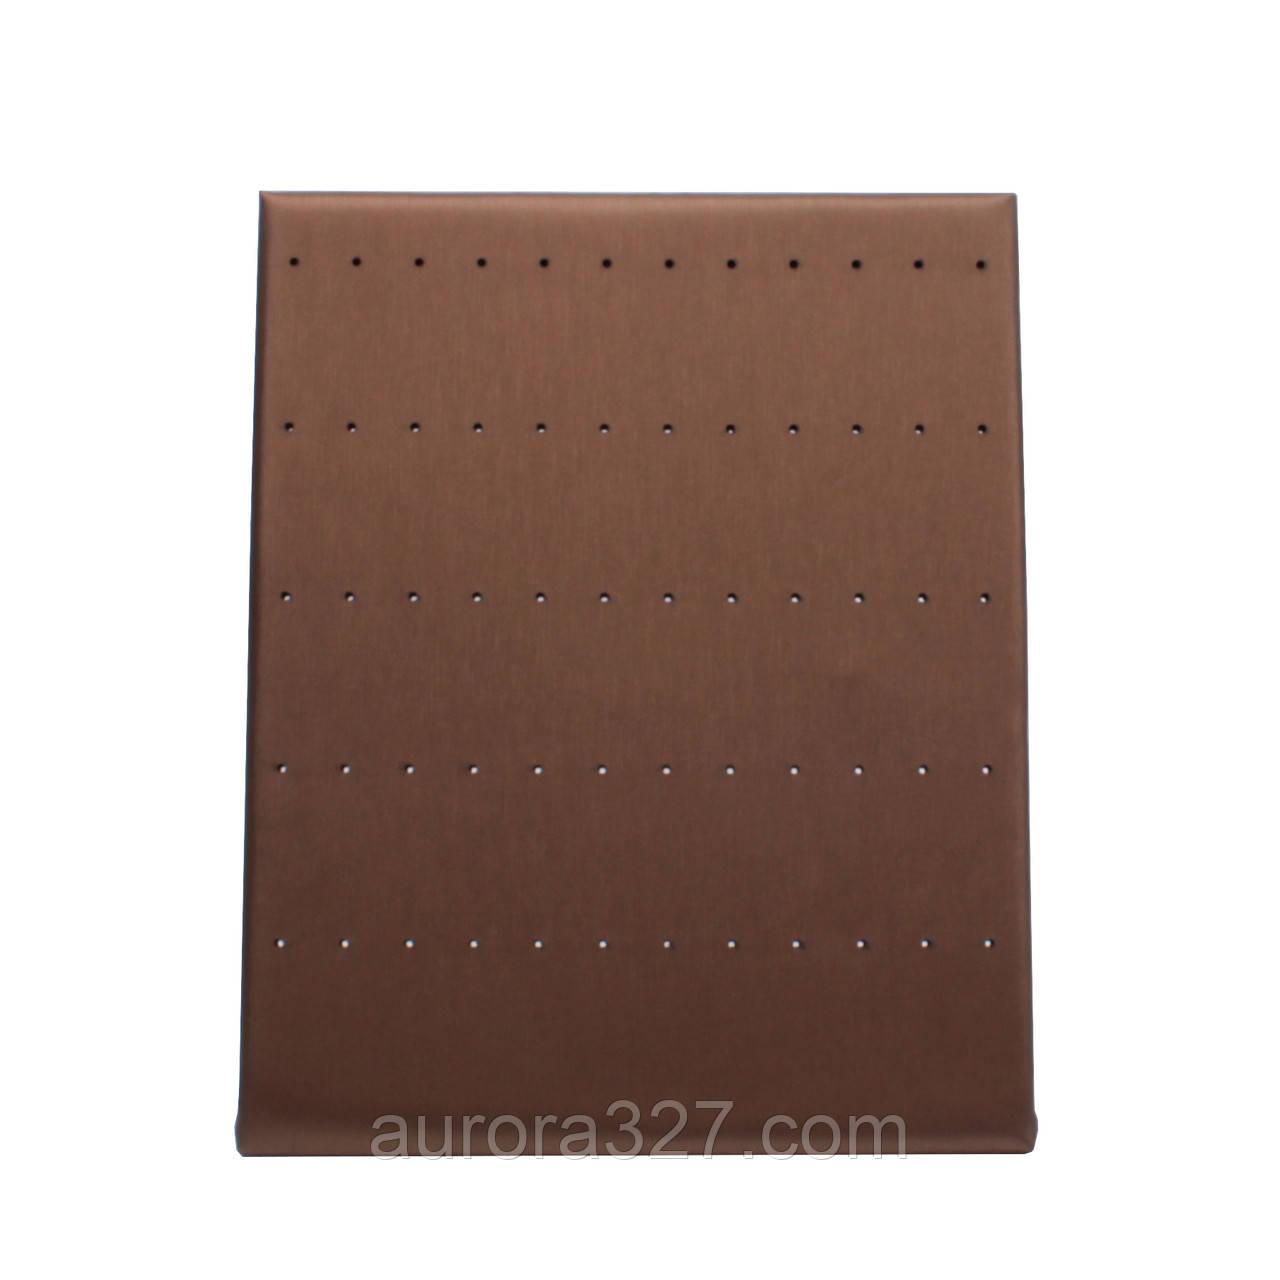 """Стойка планшет """"Под пусеты коричневая эк-кожа 30 пар 24 х 20 х 8,5 см"""""""